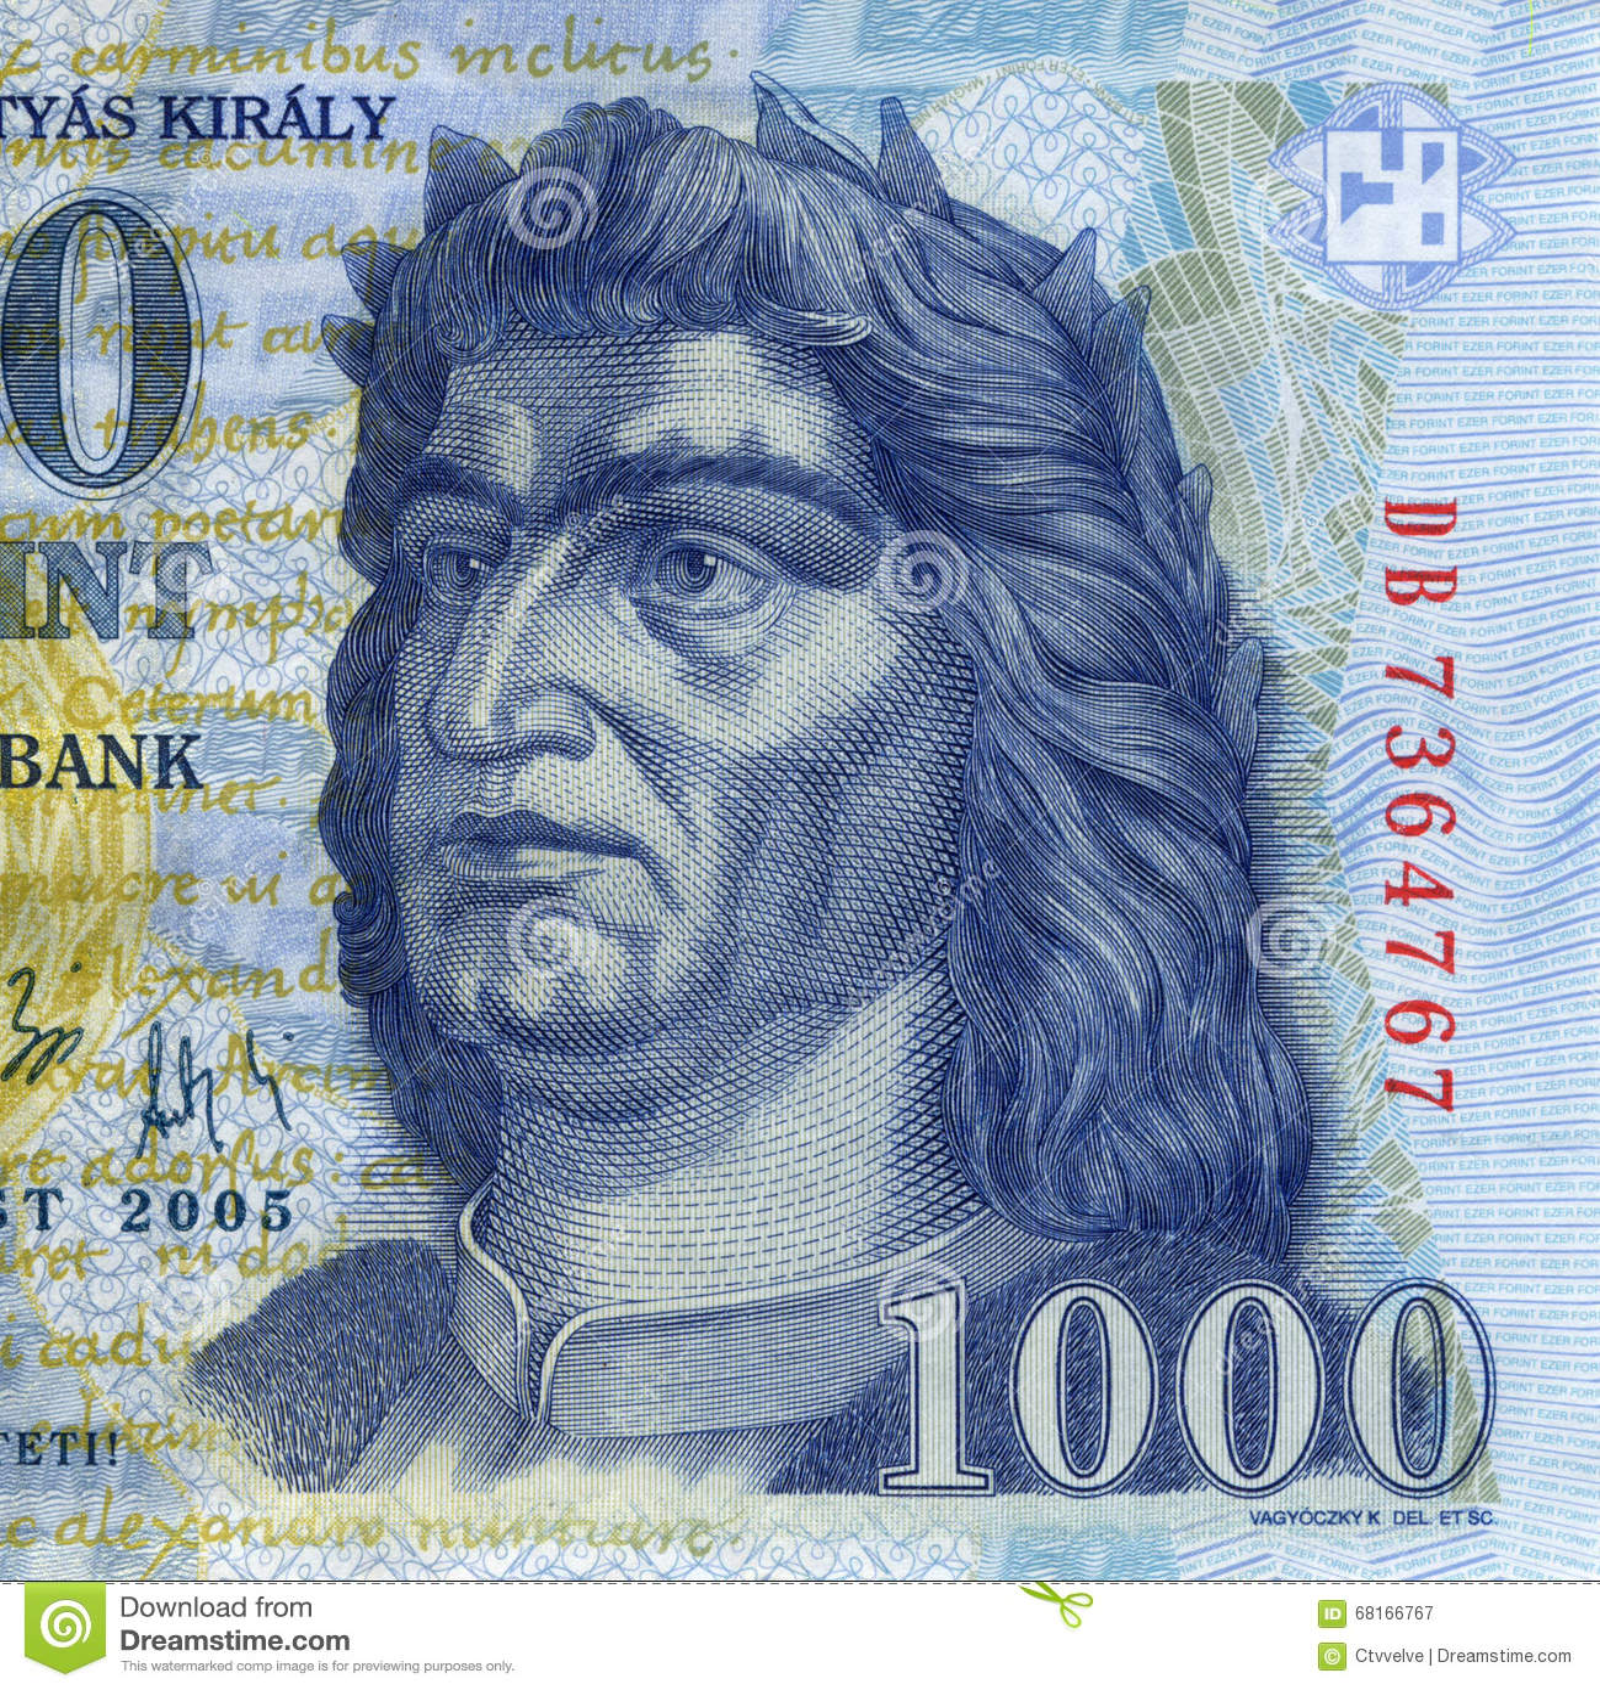 ungersk forint